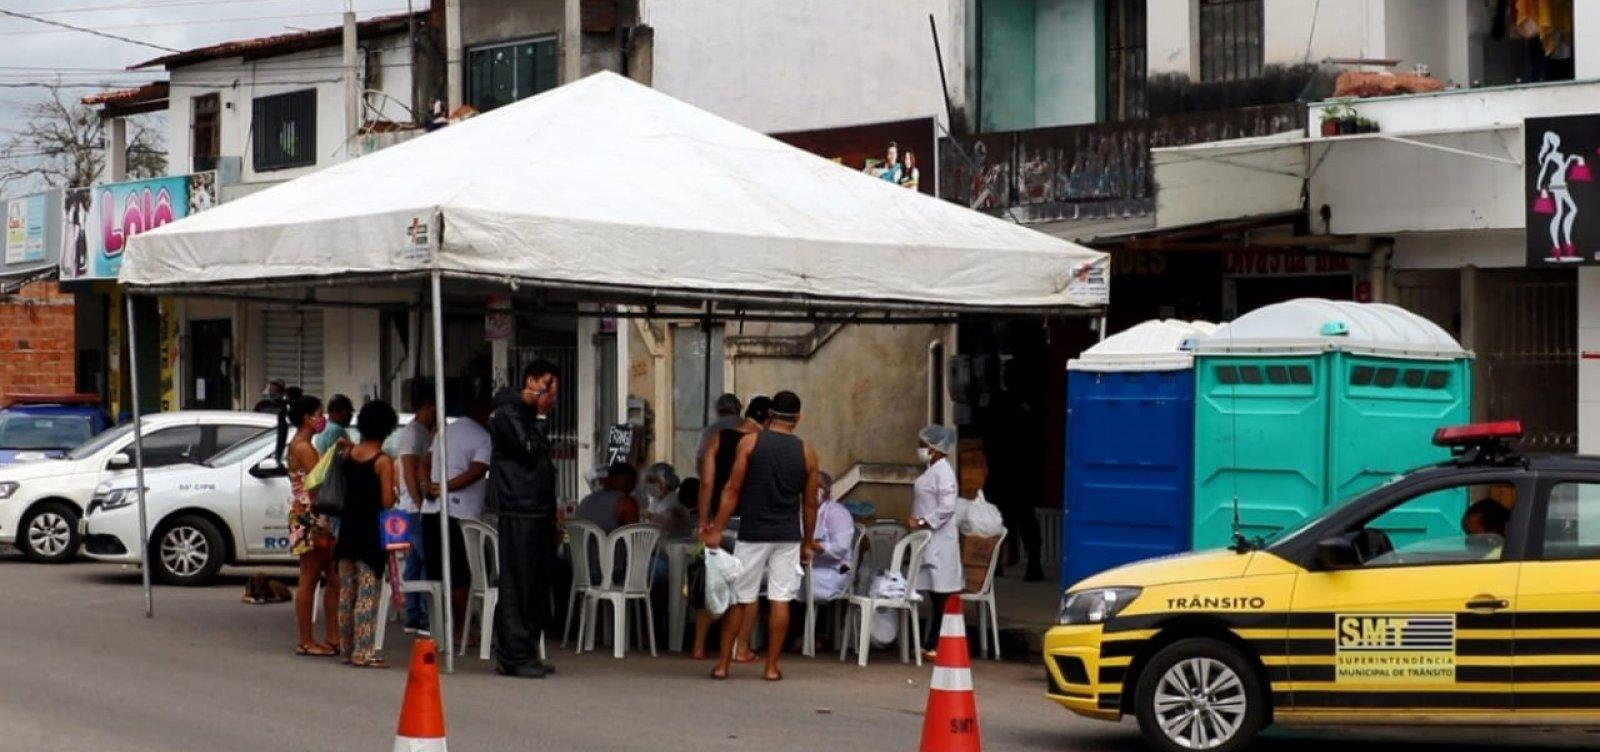 Feira de Santana adota medidas mais restritivas em mais três bairros neste final de semana